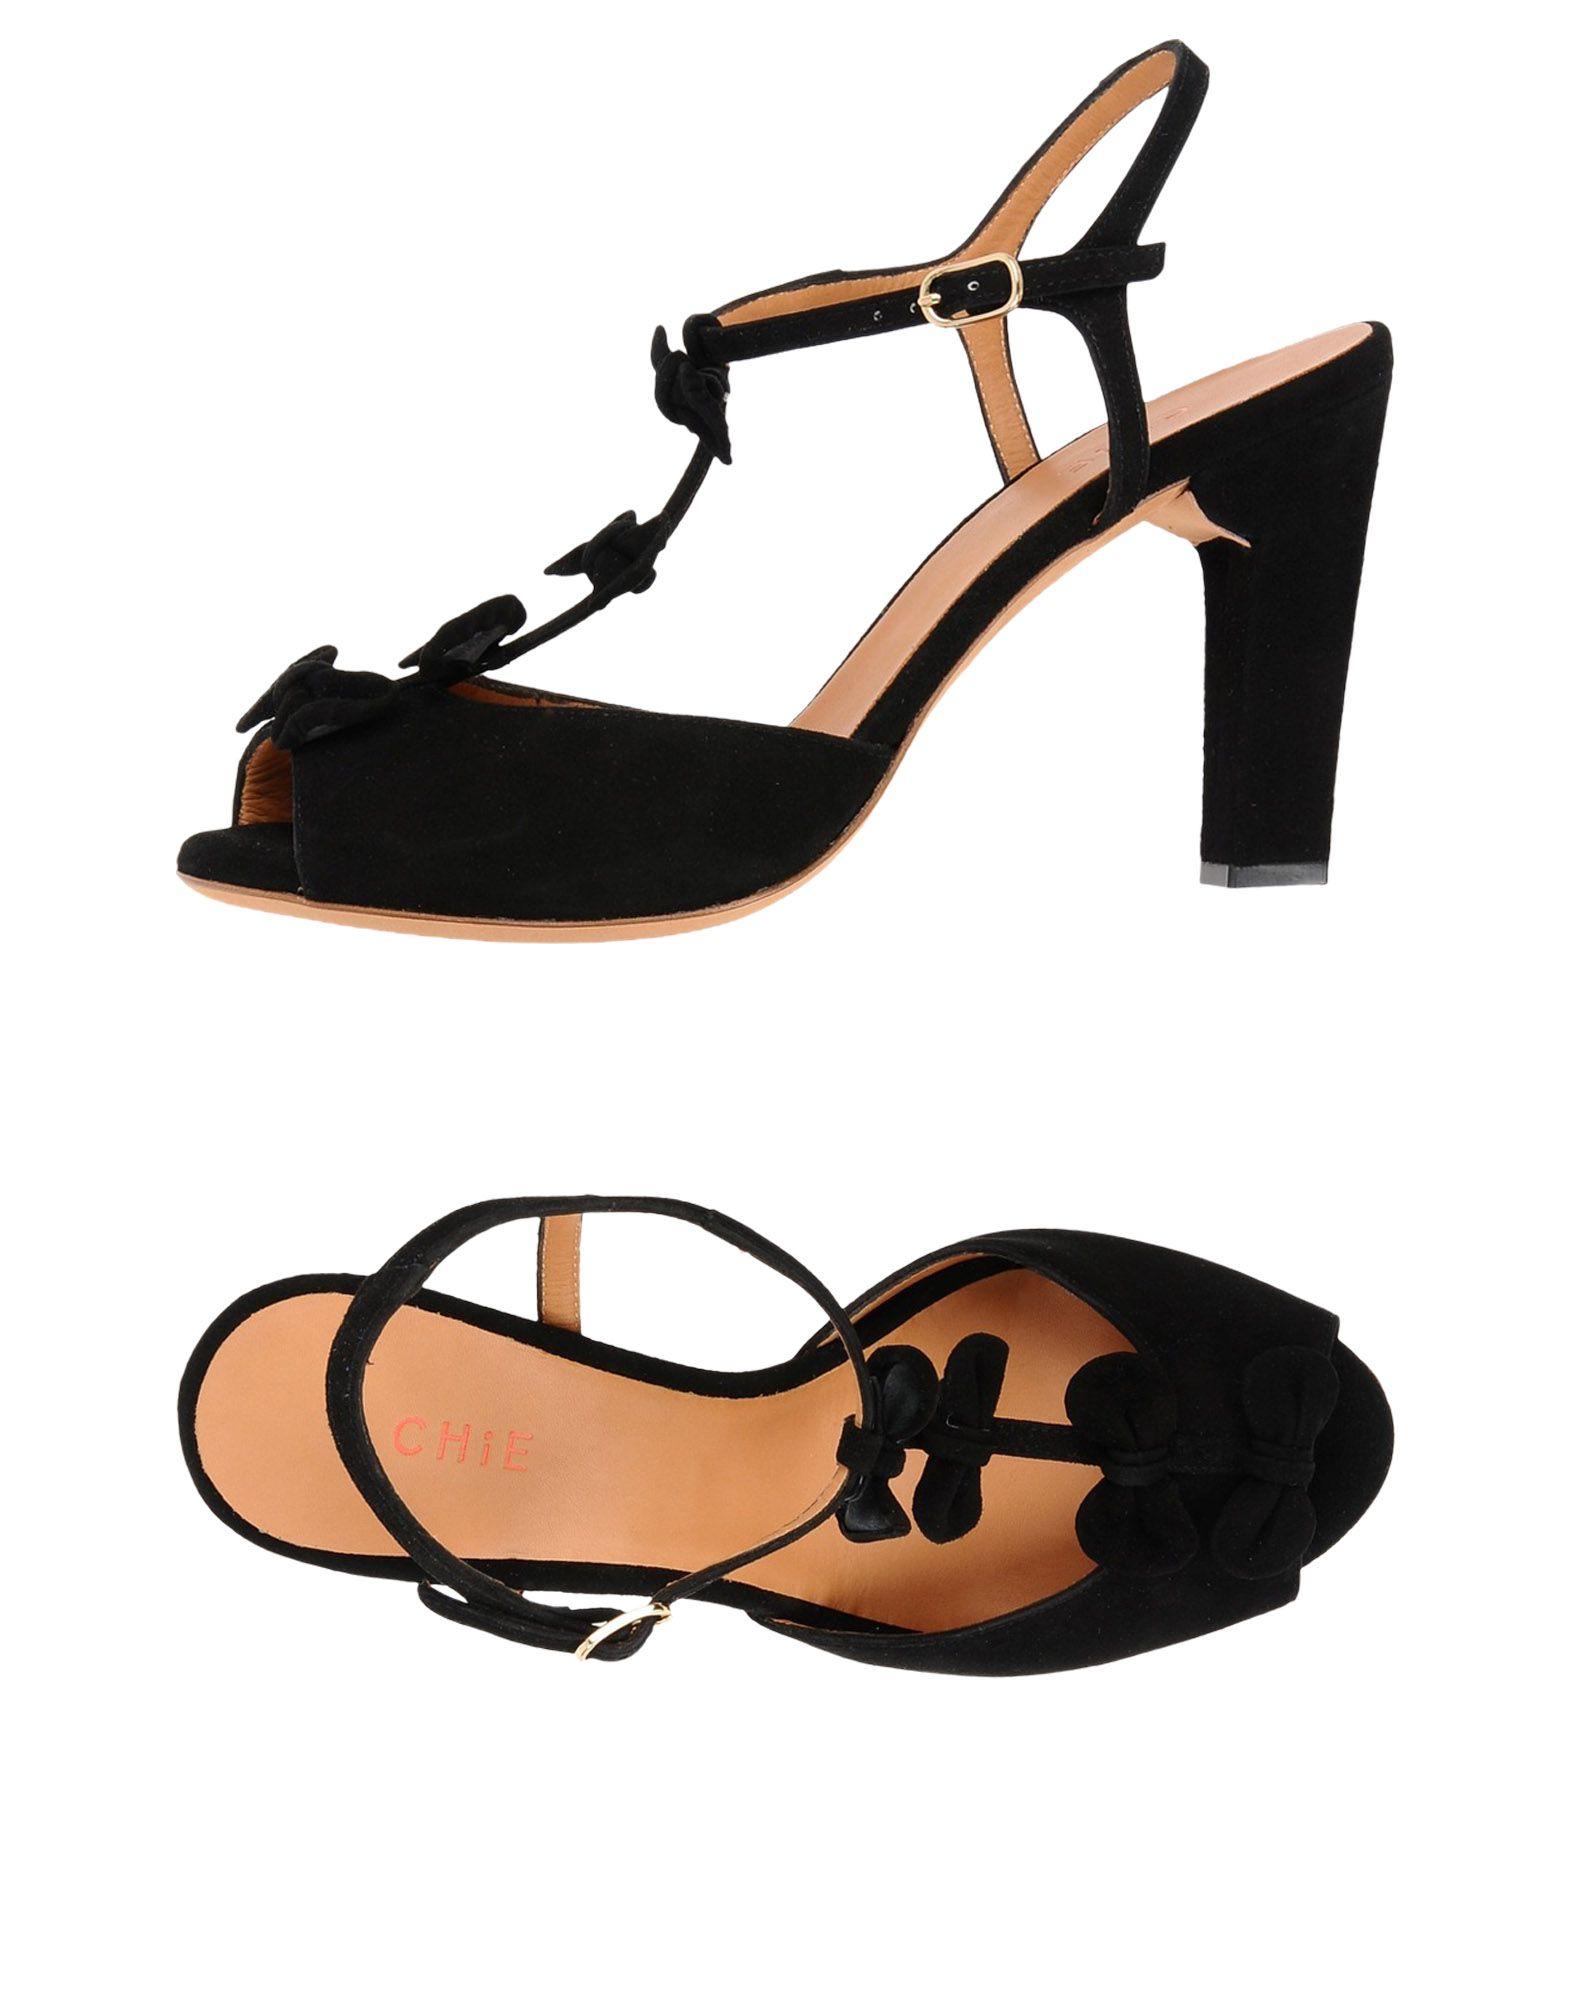 Chie By Chie Mihara Dedora  11429886MHGut aussehende strapazierfähige Schuhe